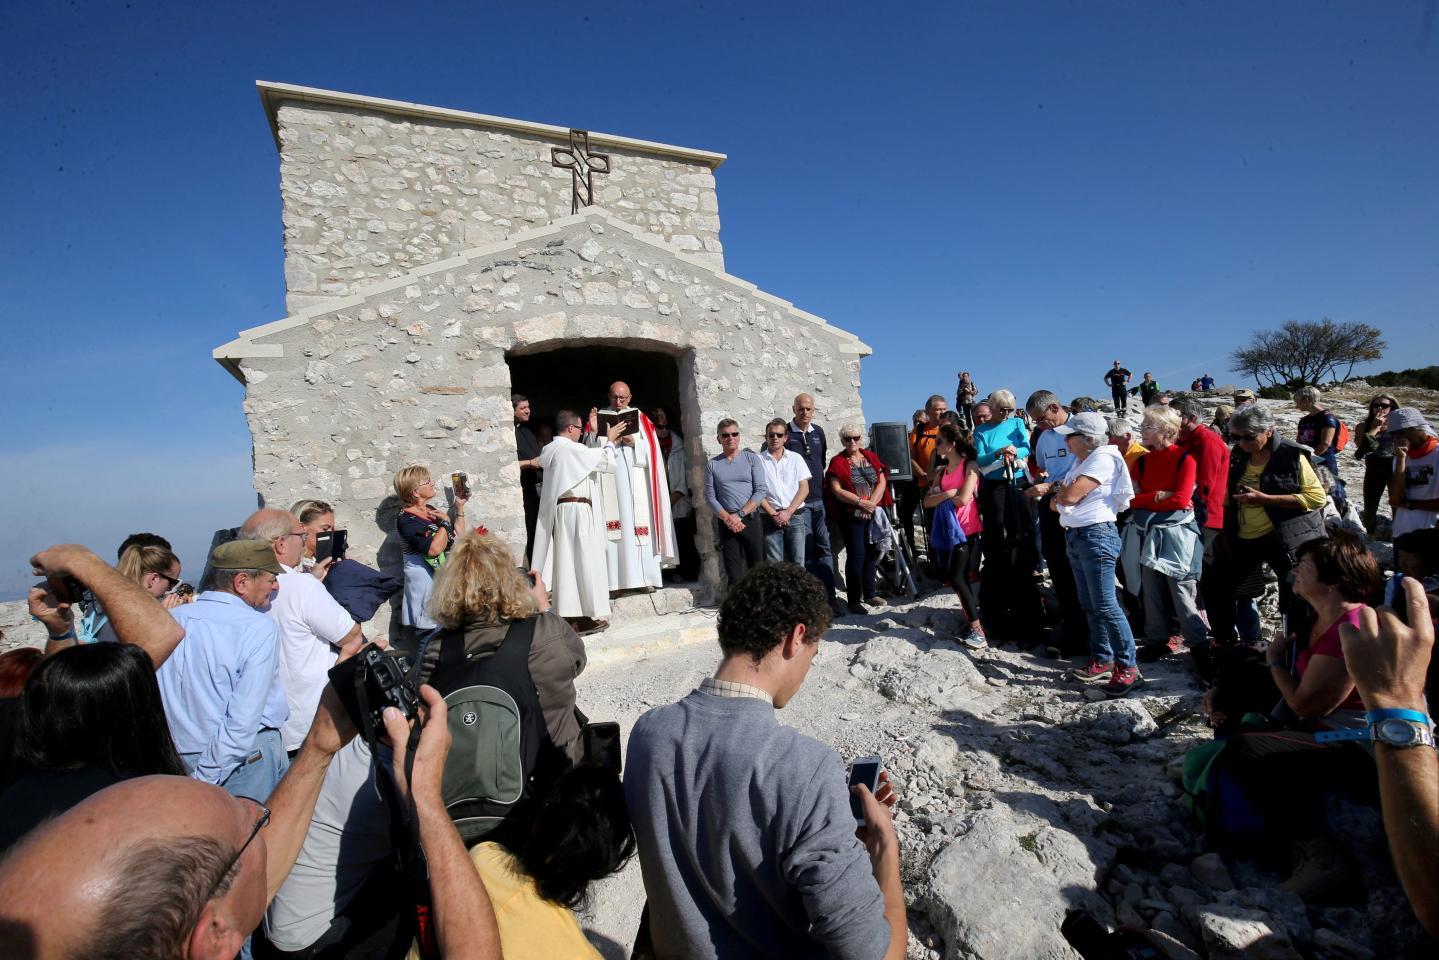 """L'évêque du diocèse de Fréjus/Toulon Monseigneur Dominique Rey a béni la chapelle du Saint-Pilon, en présence de quelque trois cents personnes : """"Que ce soit un lieu de paix, de fraternité, et de rencontre avec le Seigneur""""."""